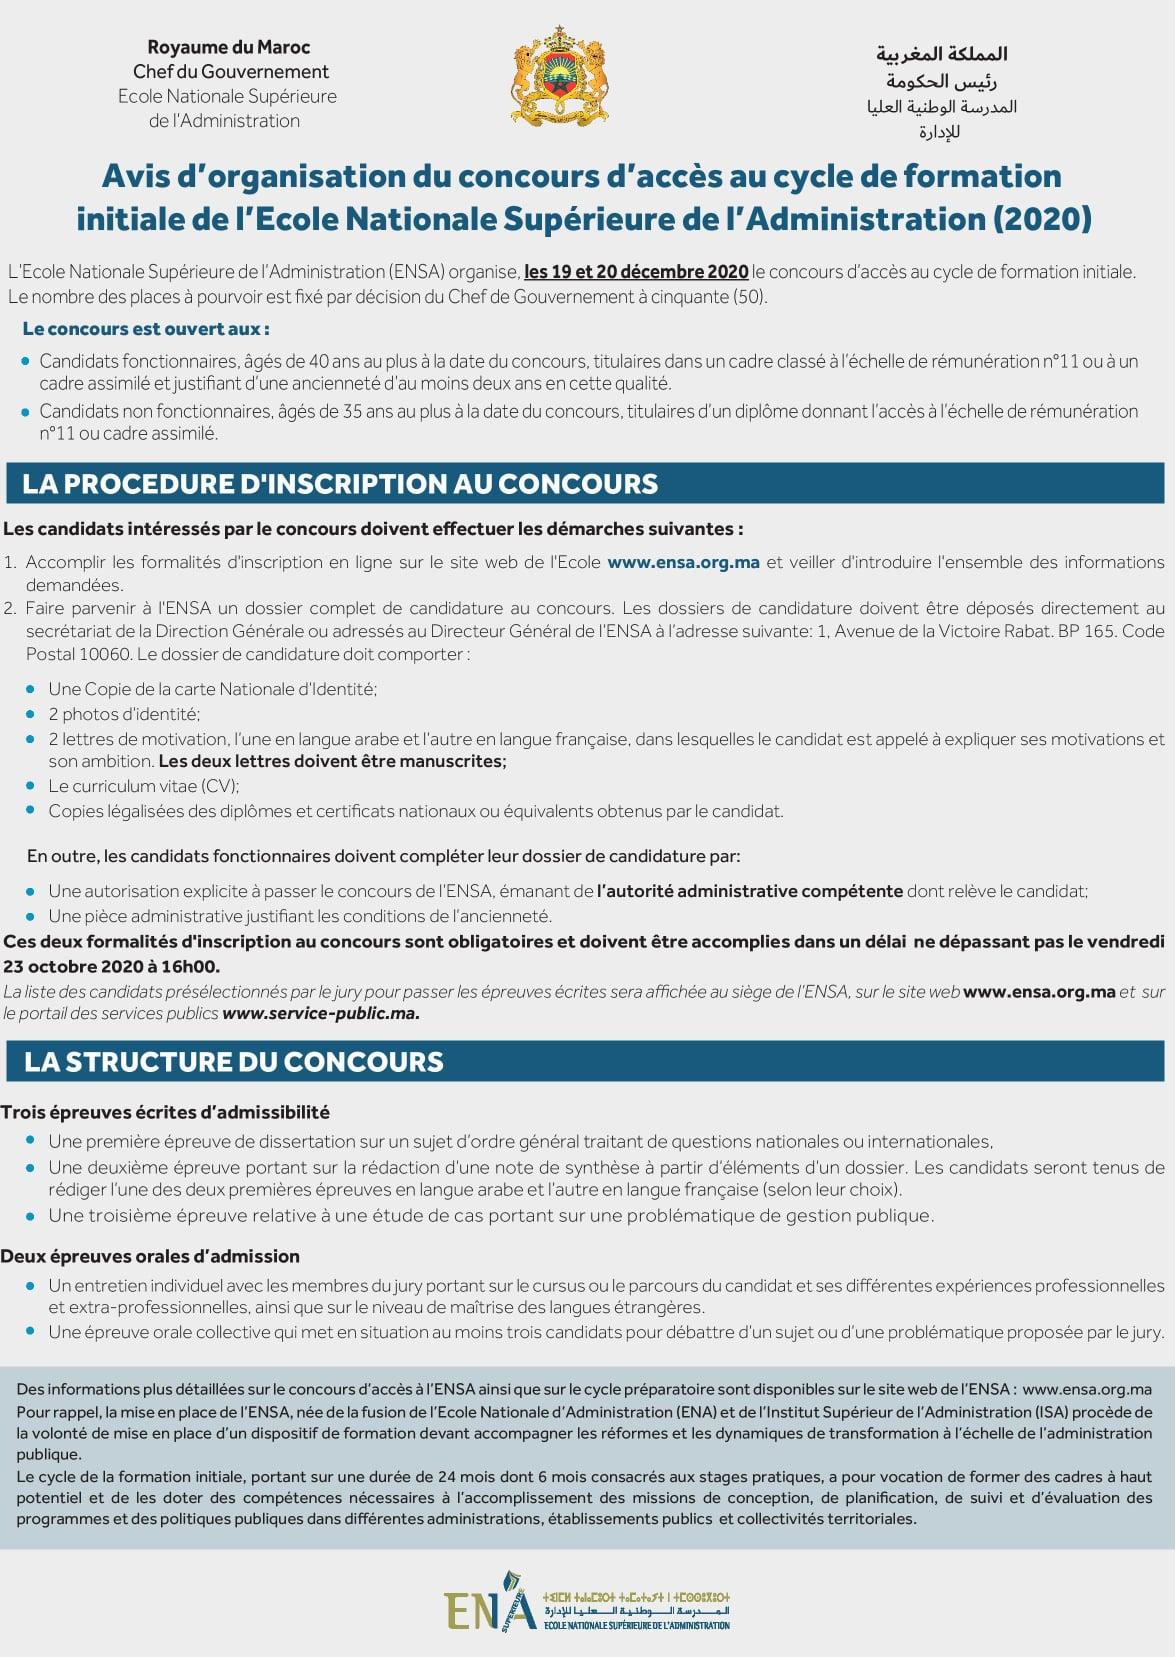 Concours d'Accès ENSA 2020 - 50 Postes